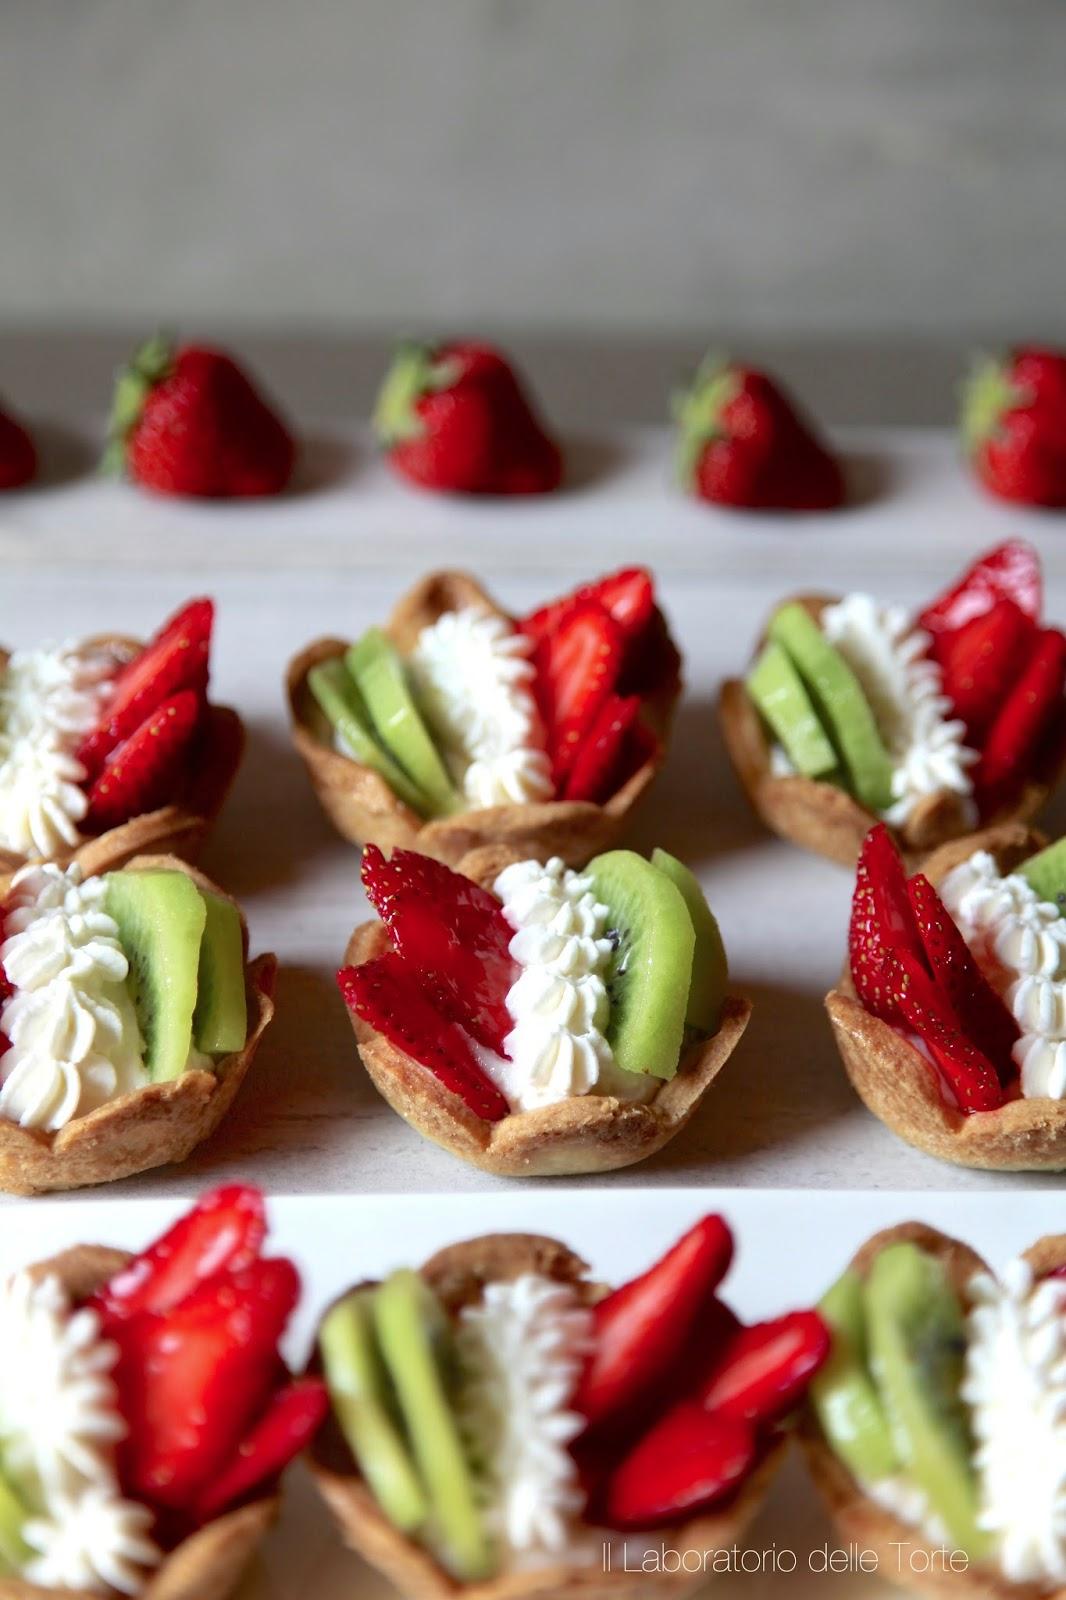 crostatine tricolore: pasta frolla, frutta e crema al mascarpone